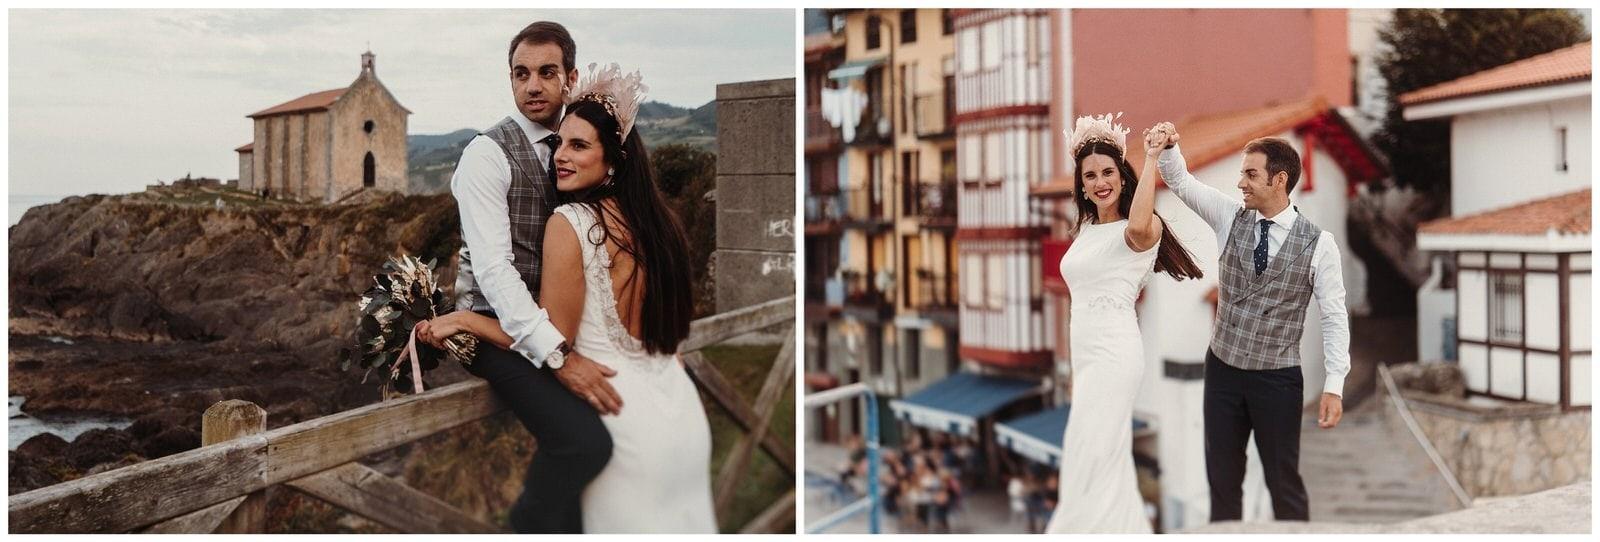 Boda Bilbao Fotografo Elopement Rosaclara Telva